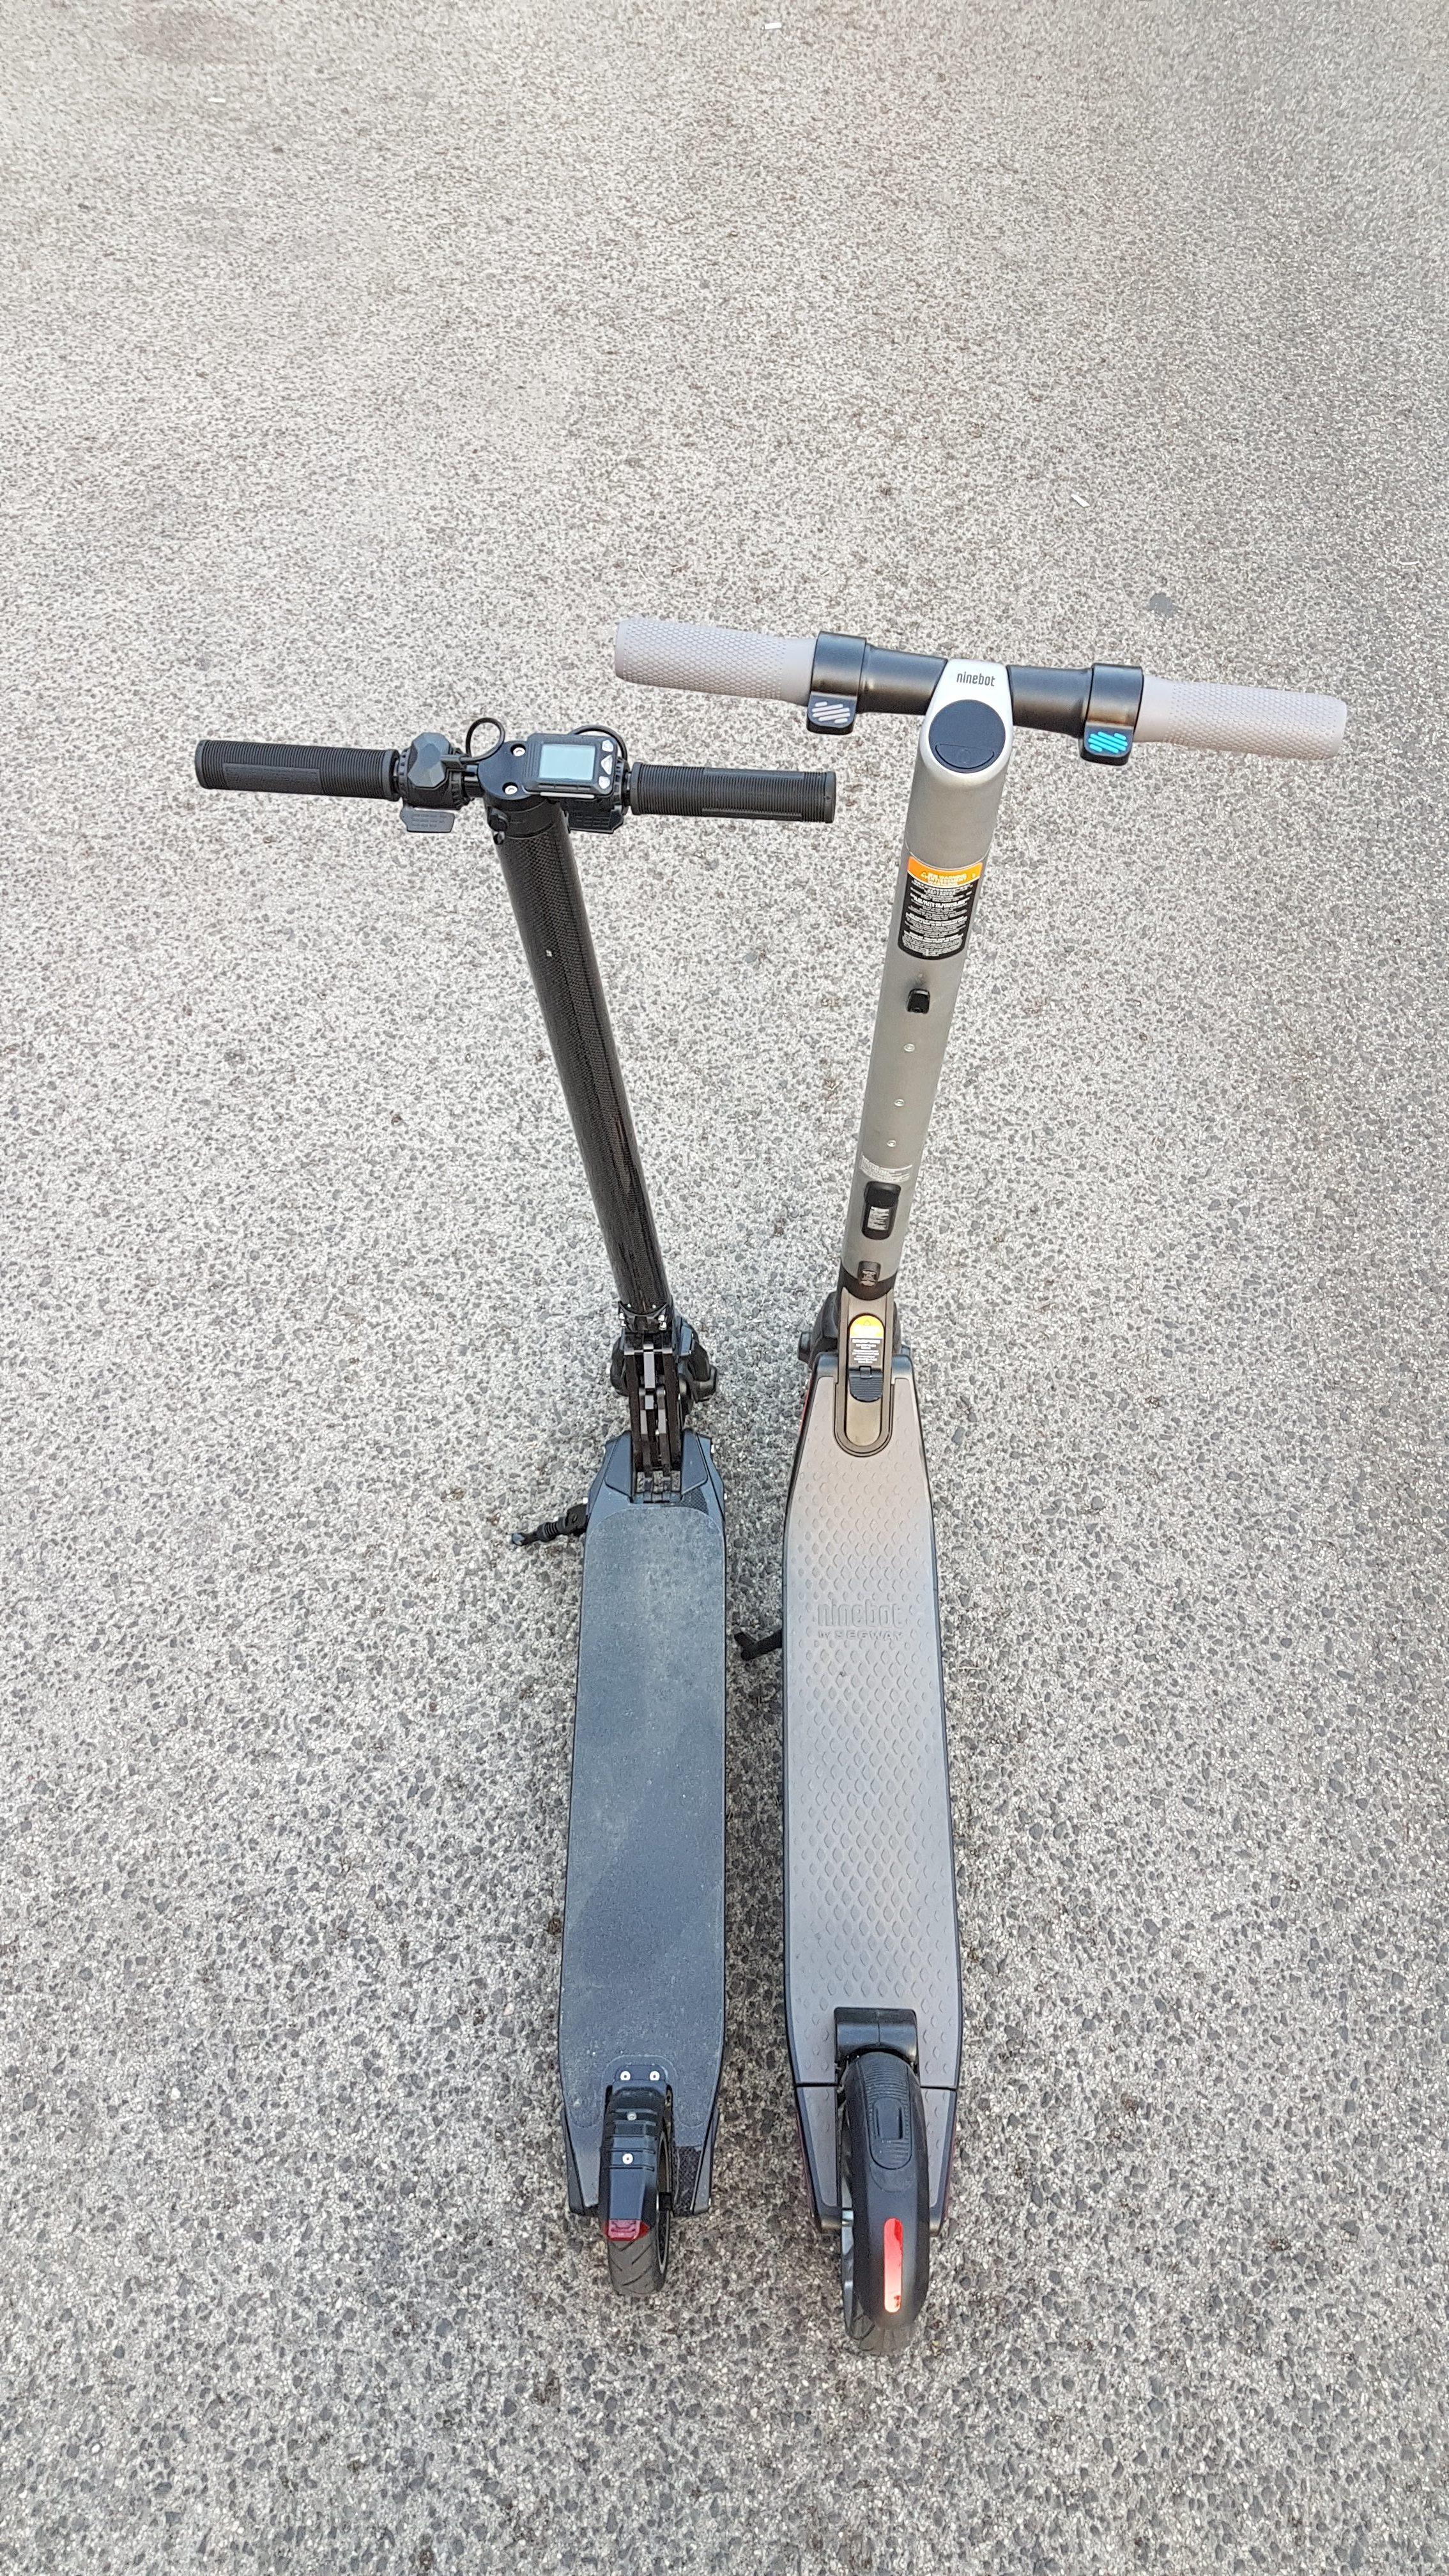 carbon-fiber-a-hordozhato-elektromos-roller-teszt-osszecsukhato-6600mAh-akkumulator-akksi-5.5-colos-kerek-23